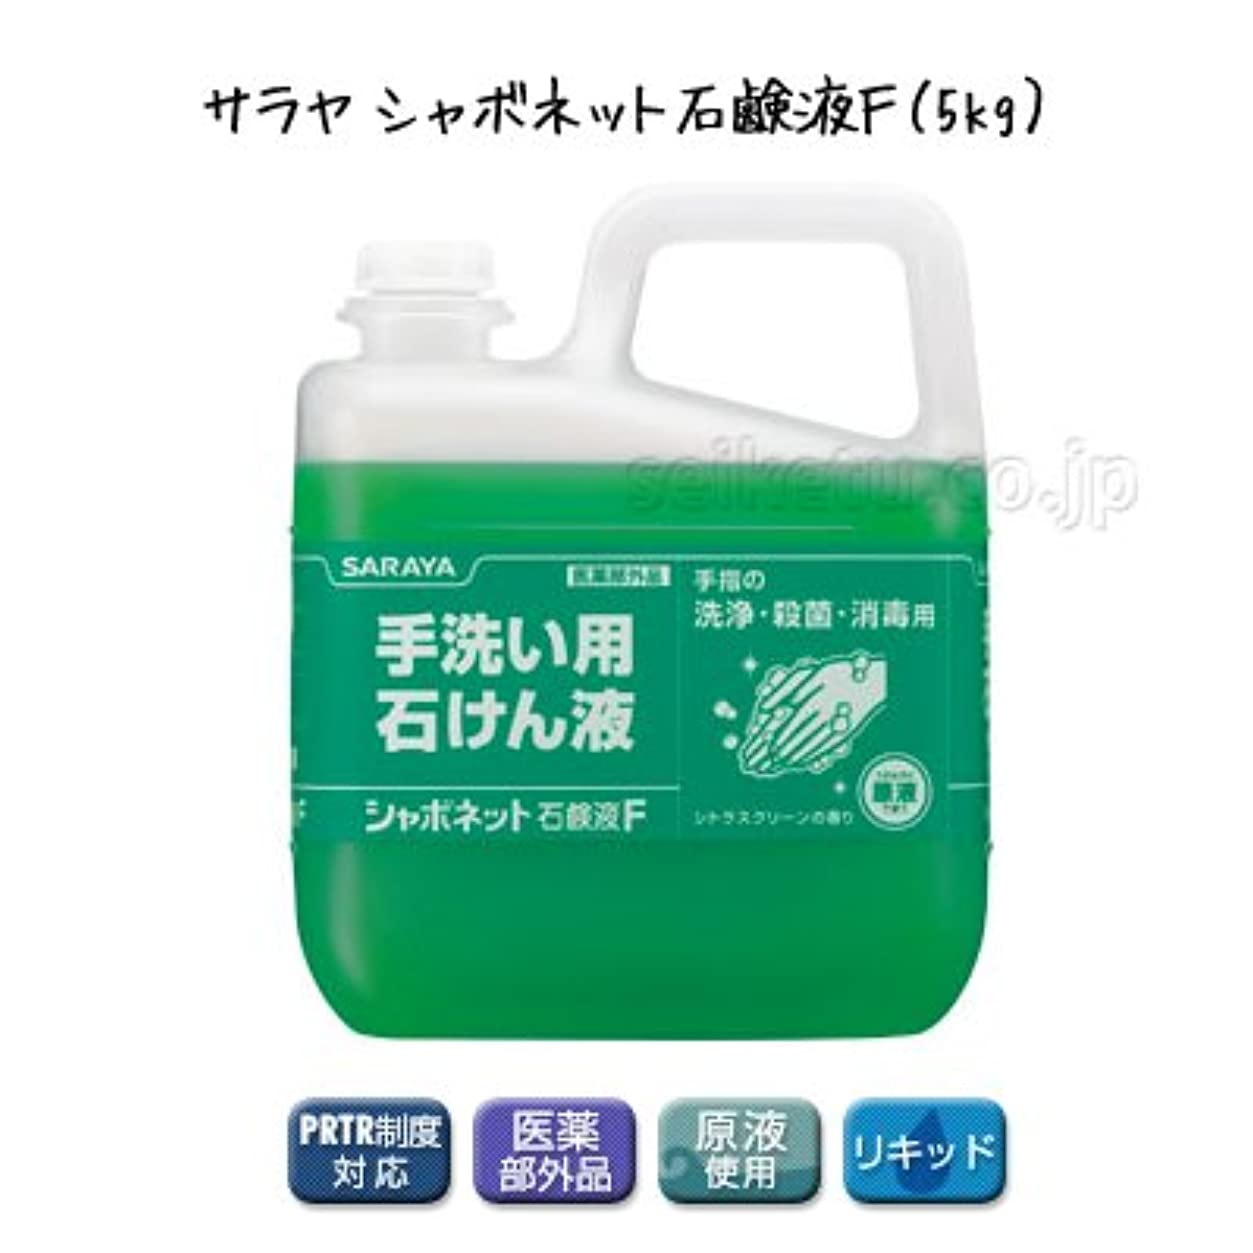 【清潔キレイ館】サラヤ シャボネット石鹸液F(5kg)